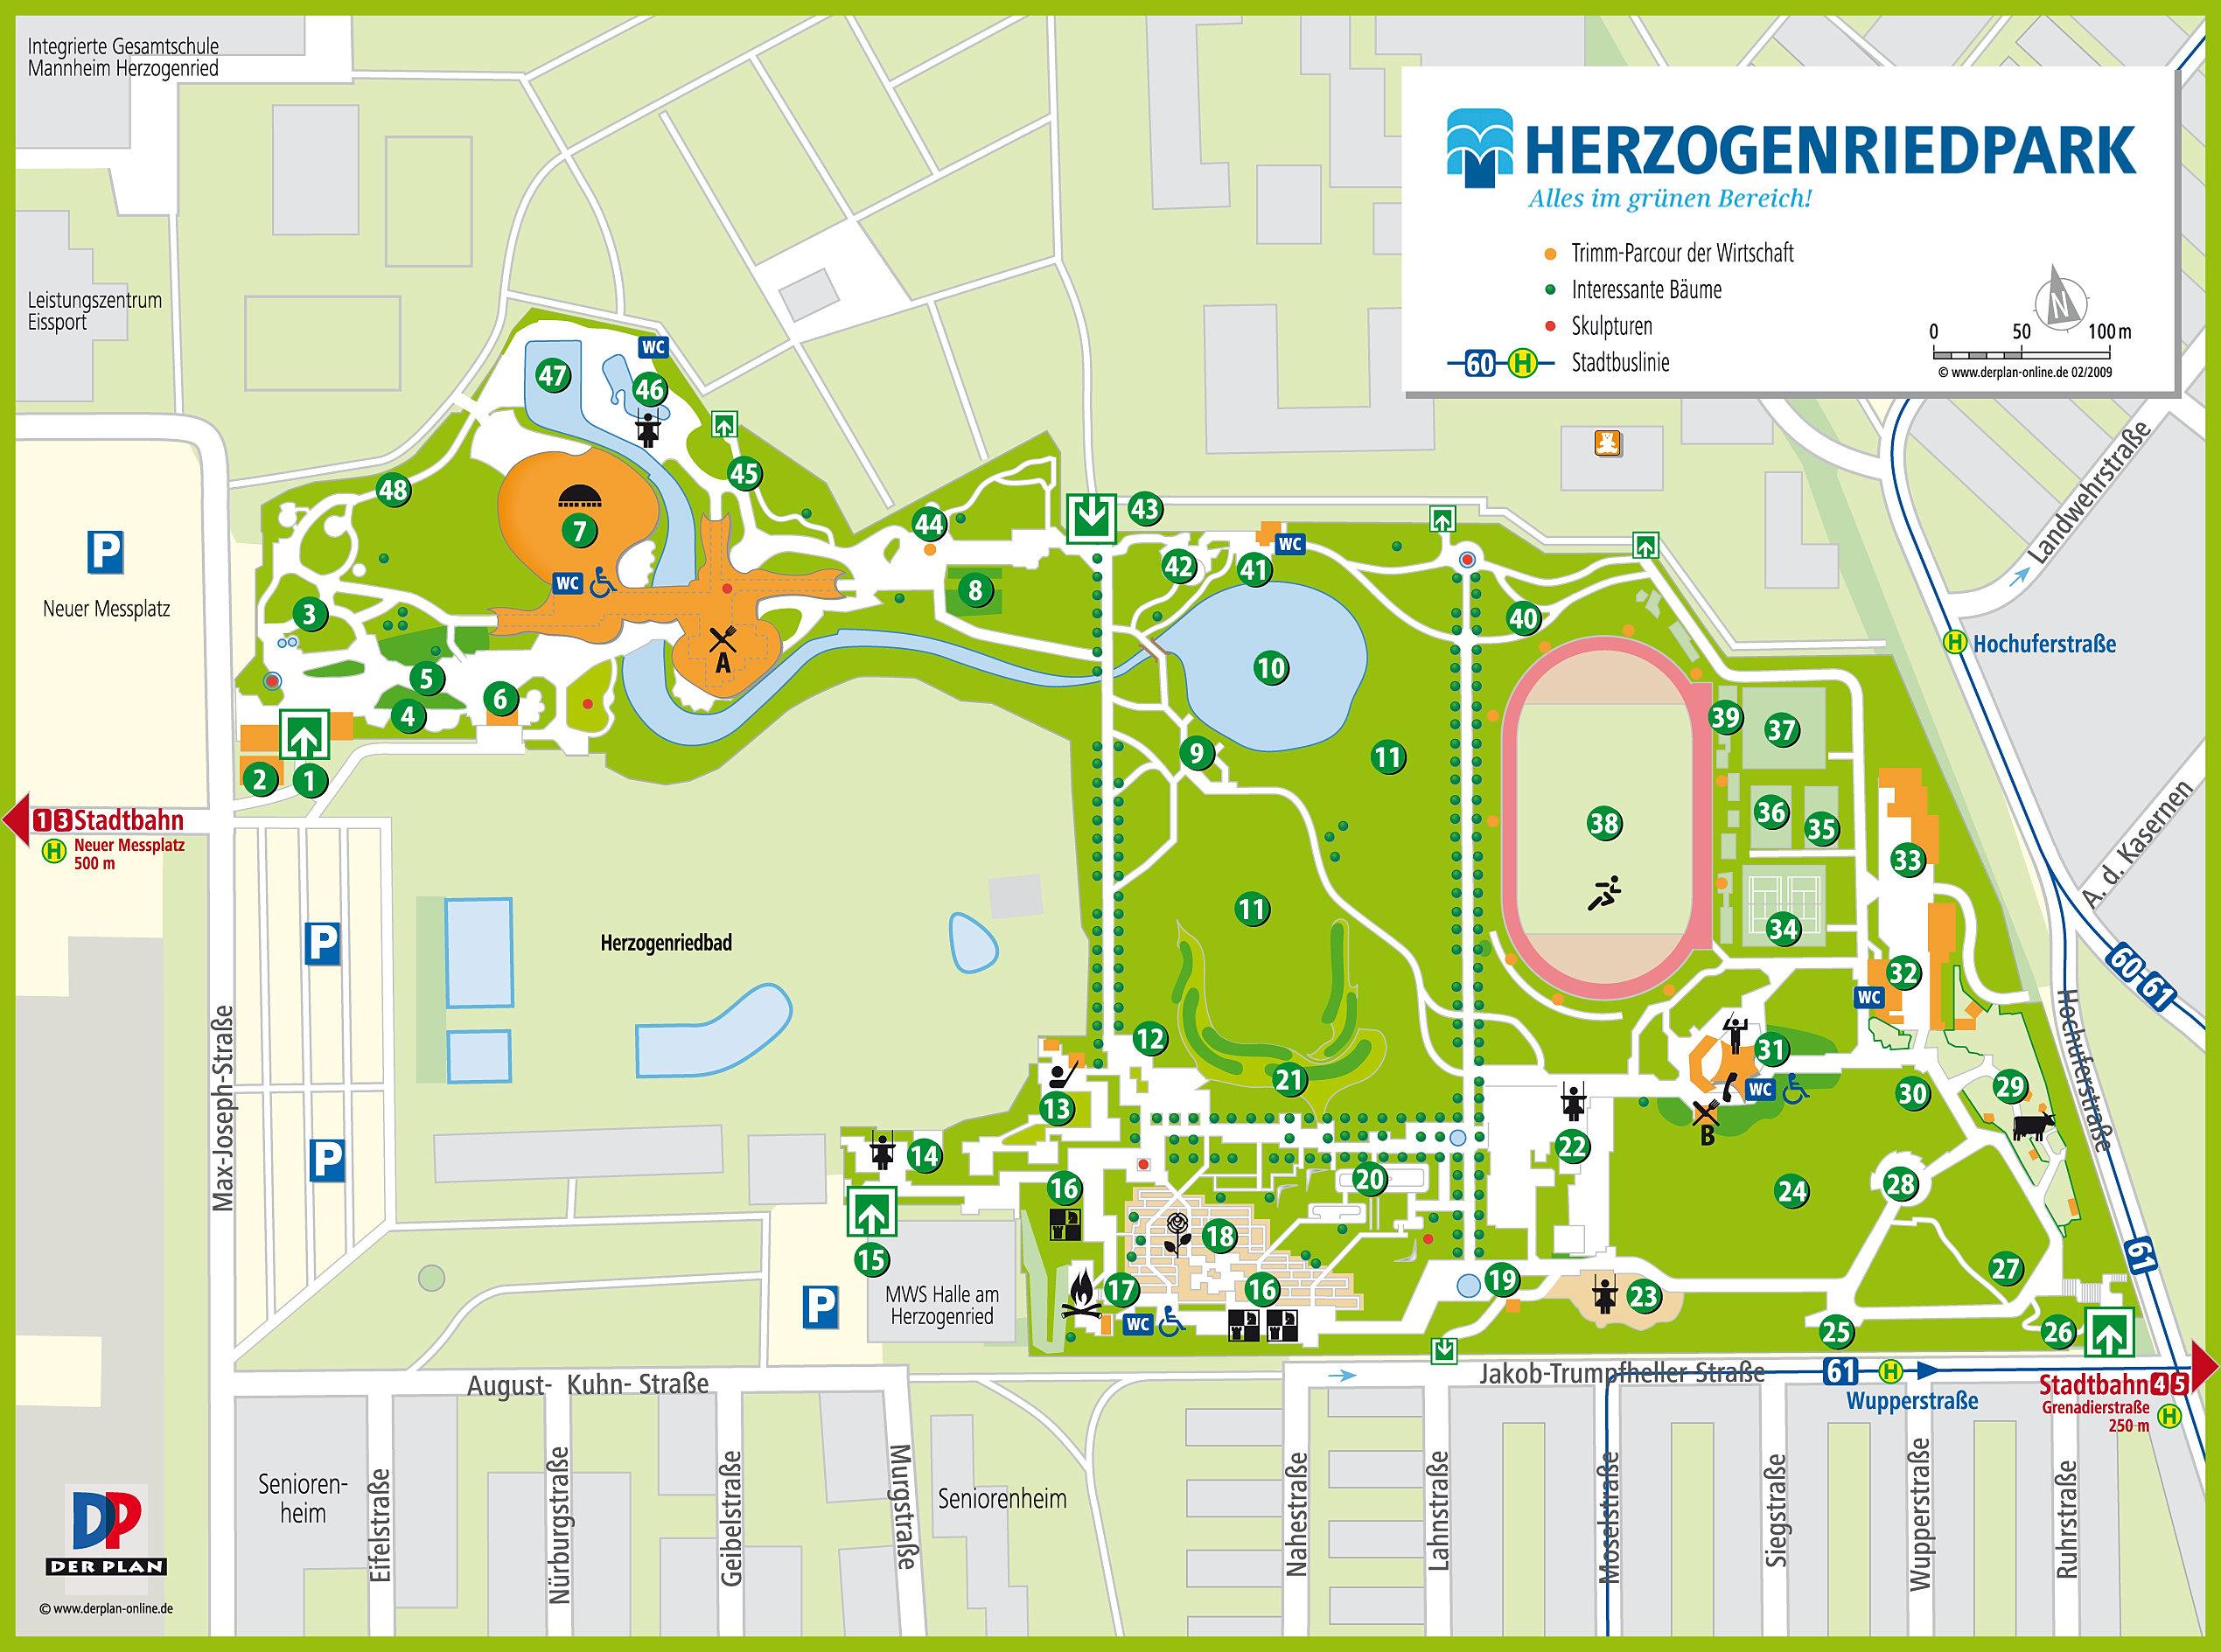 Der Plan Werbung Und Kartografie Lageplan